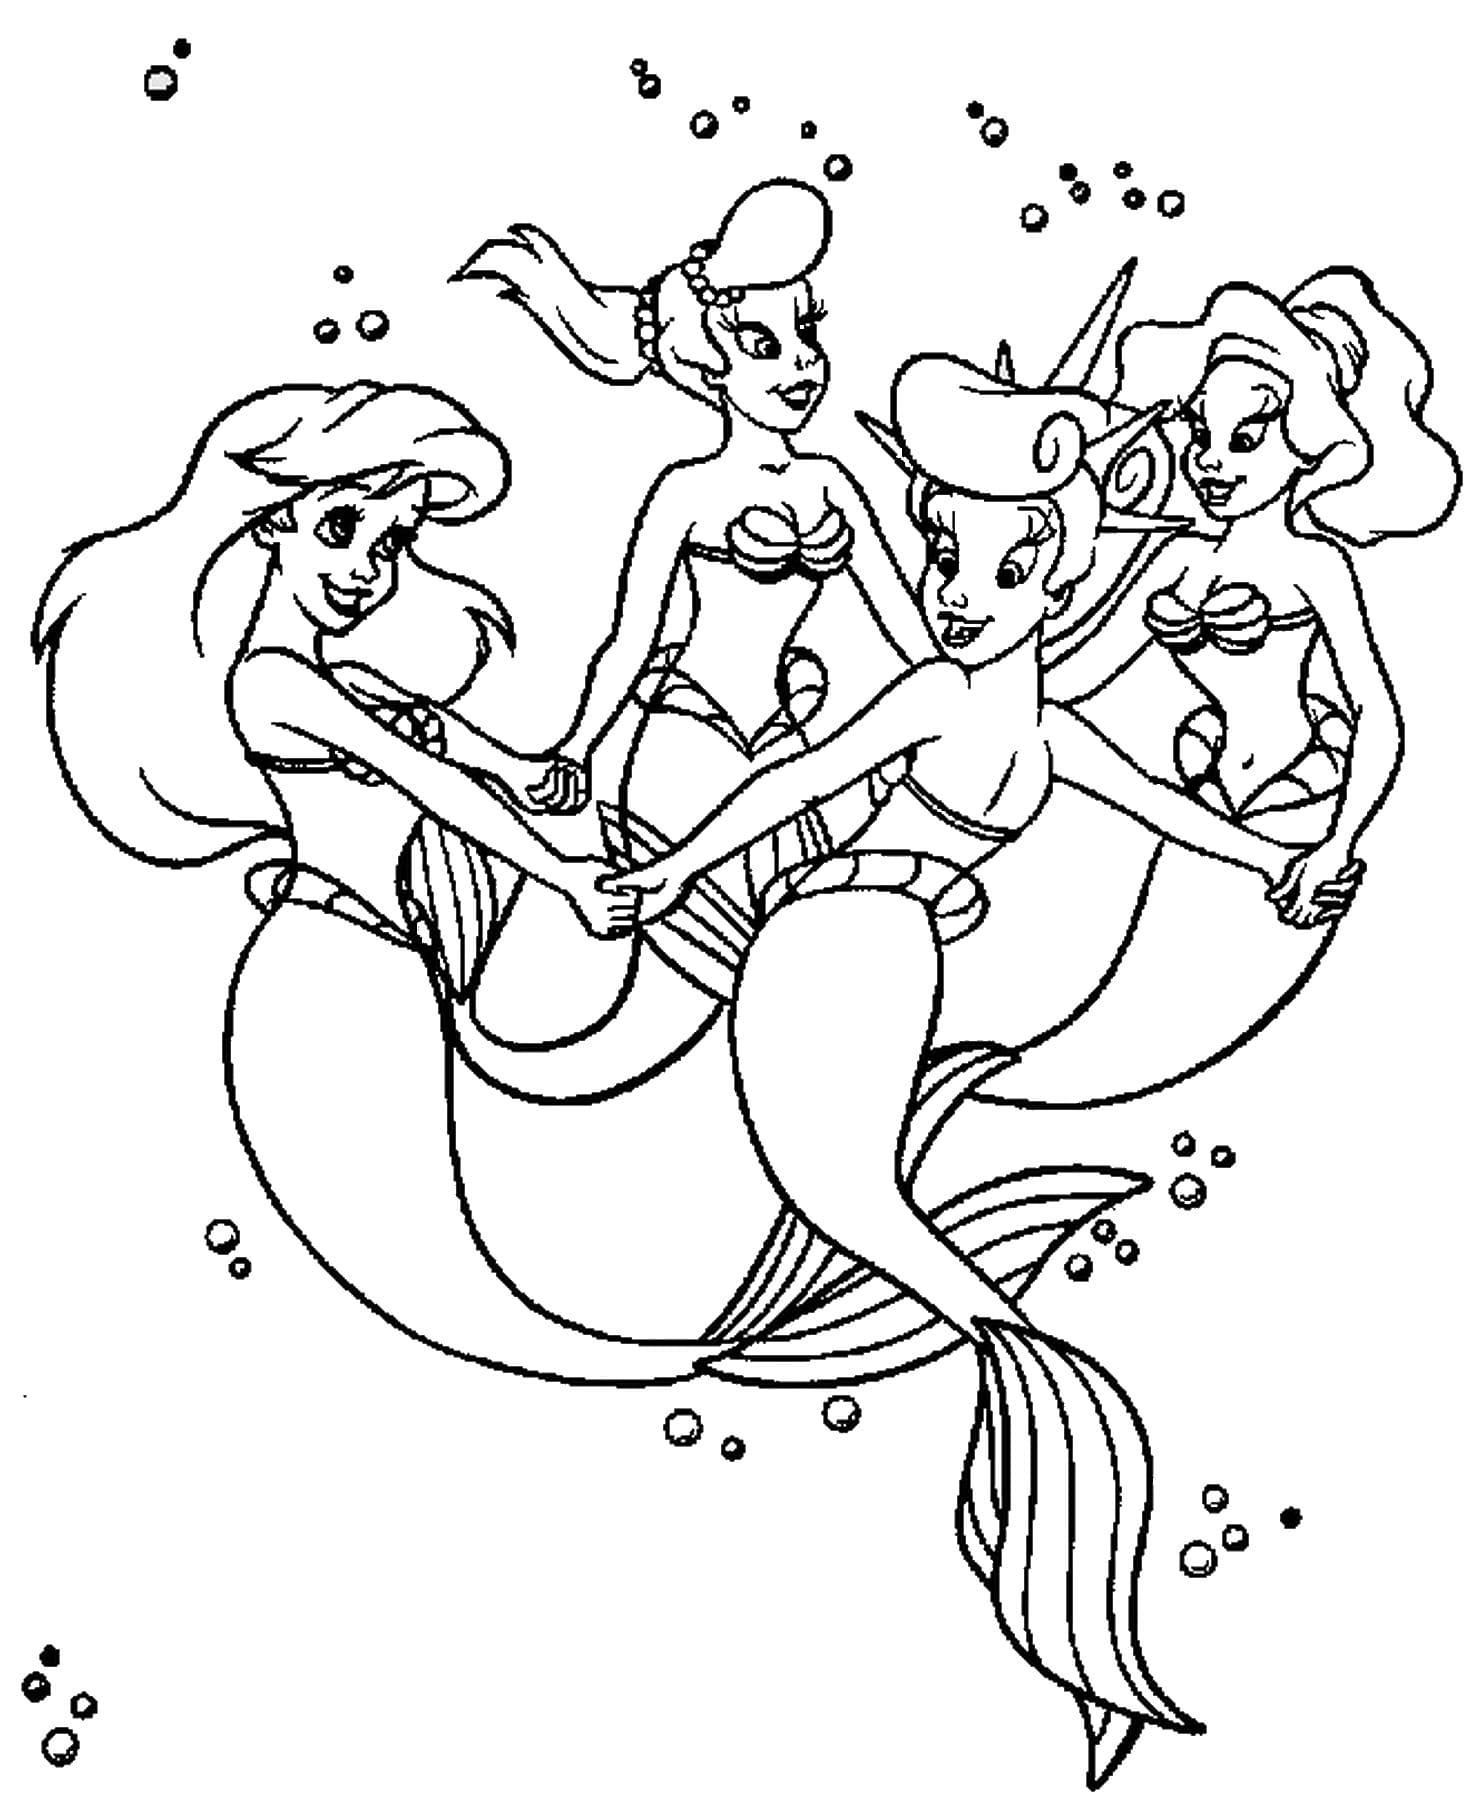 Раскраски русалки для девочек, распечатать бесплатно